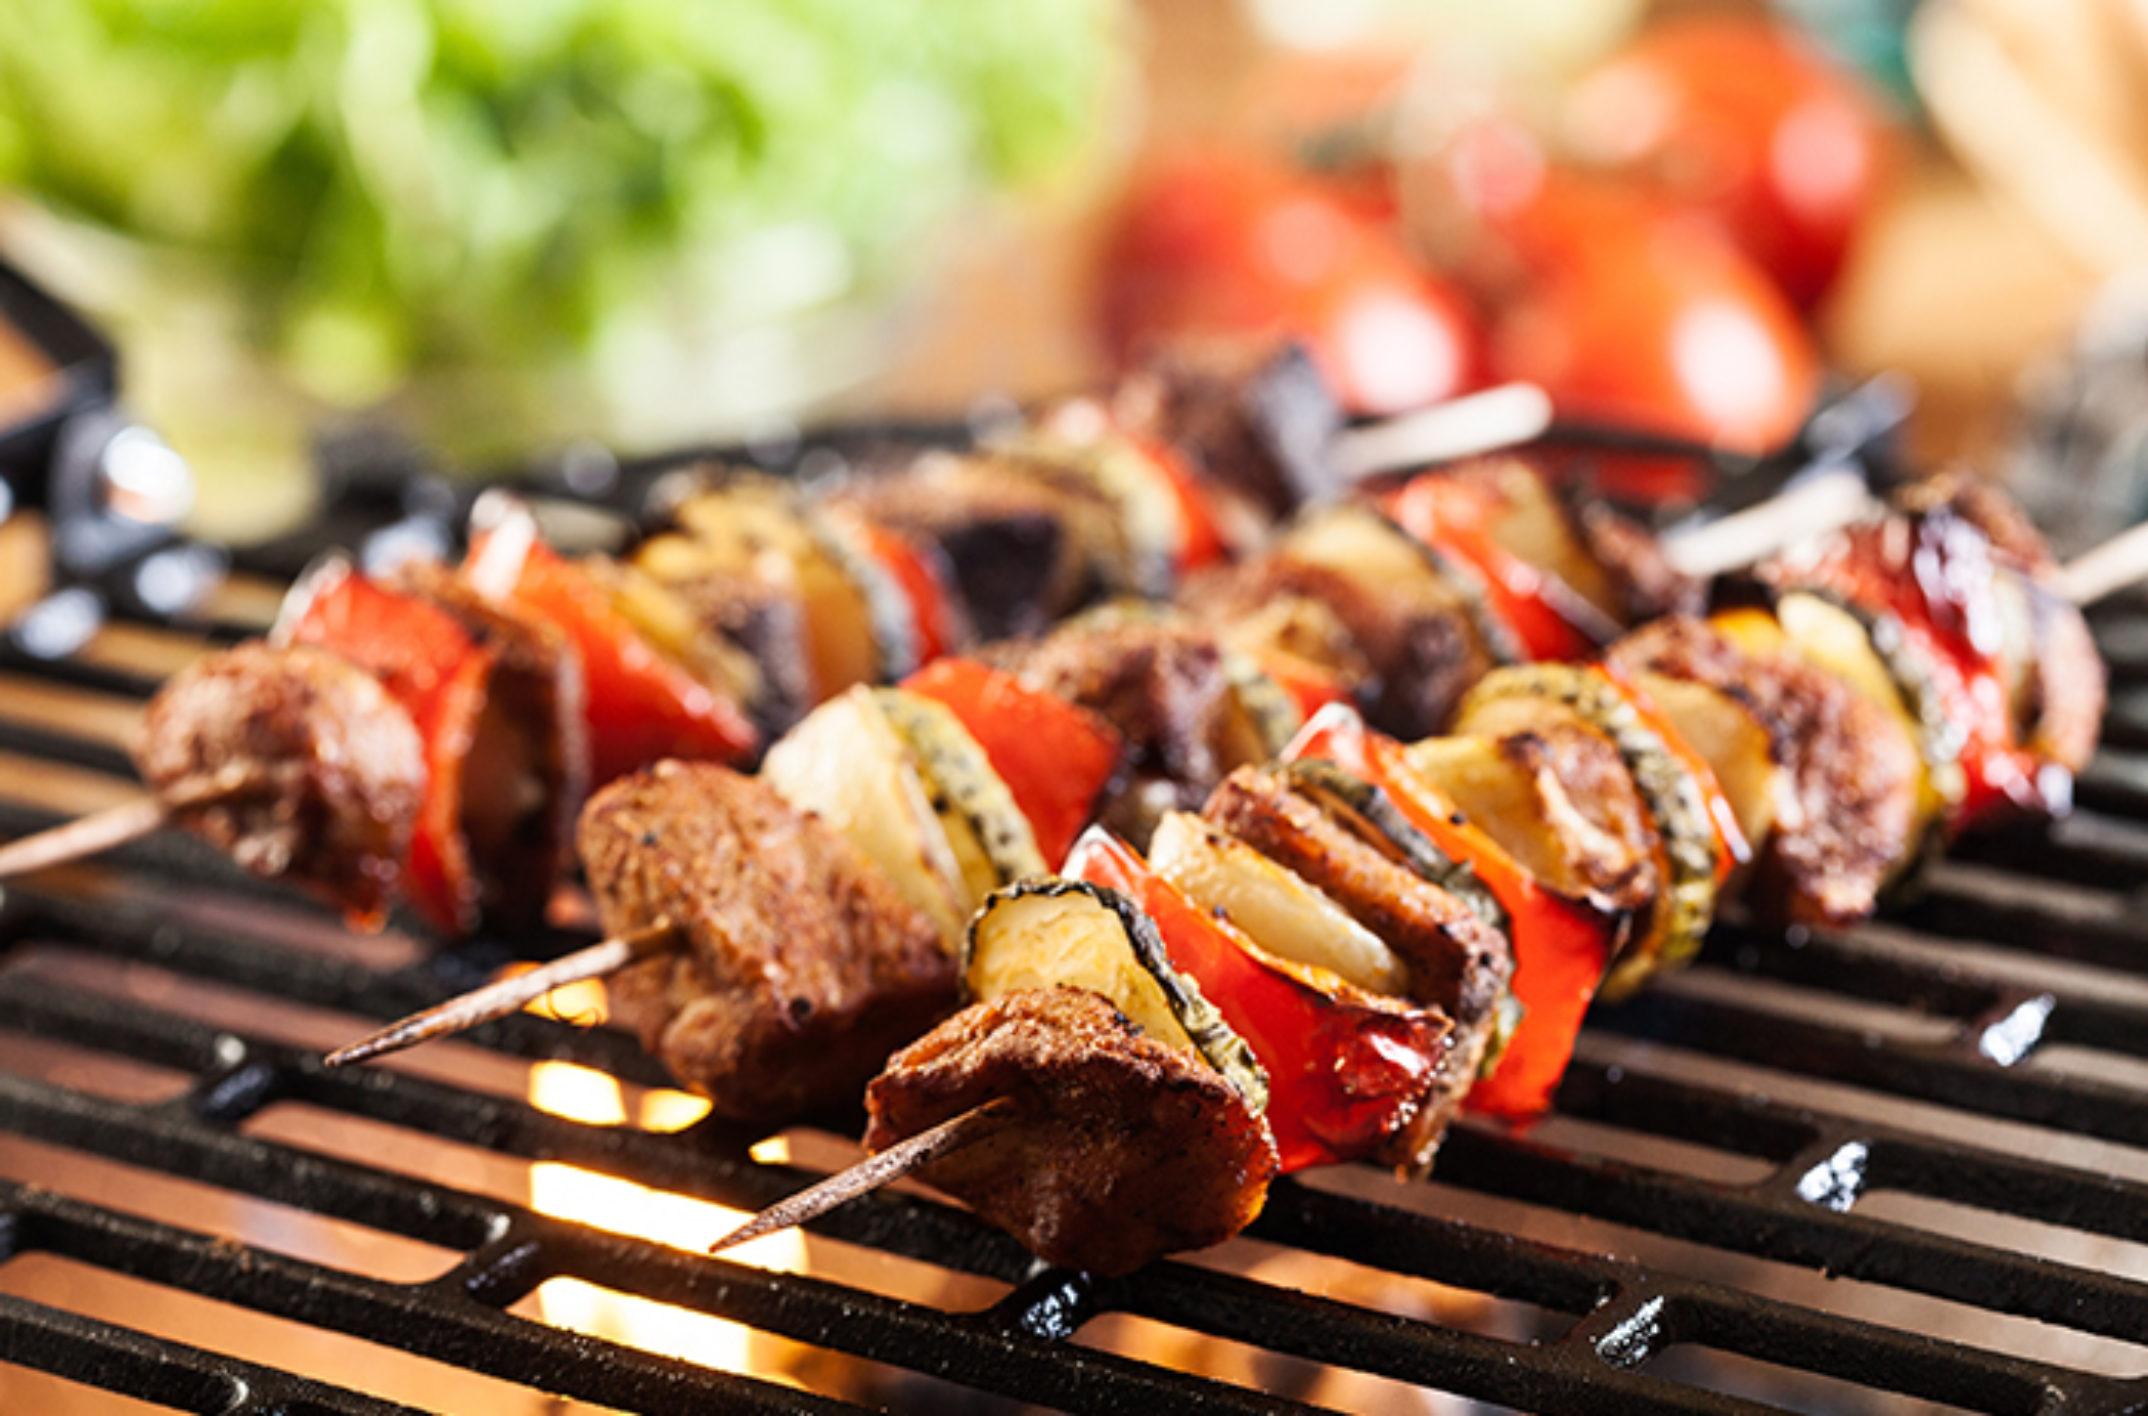 Matériel indispensable pour le barbecue : Mon TOP 5